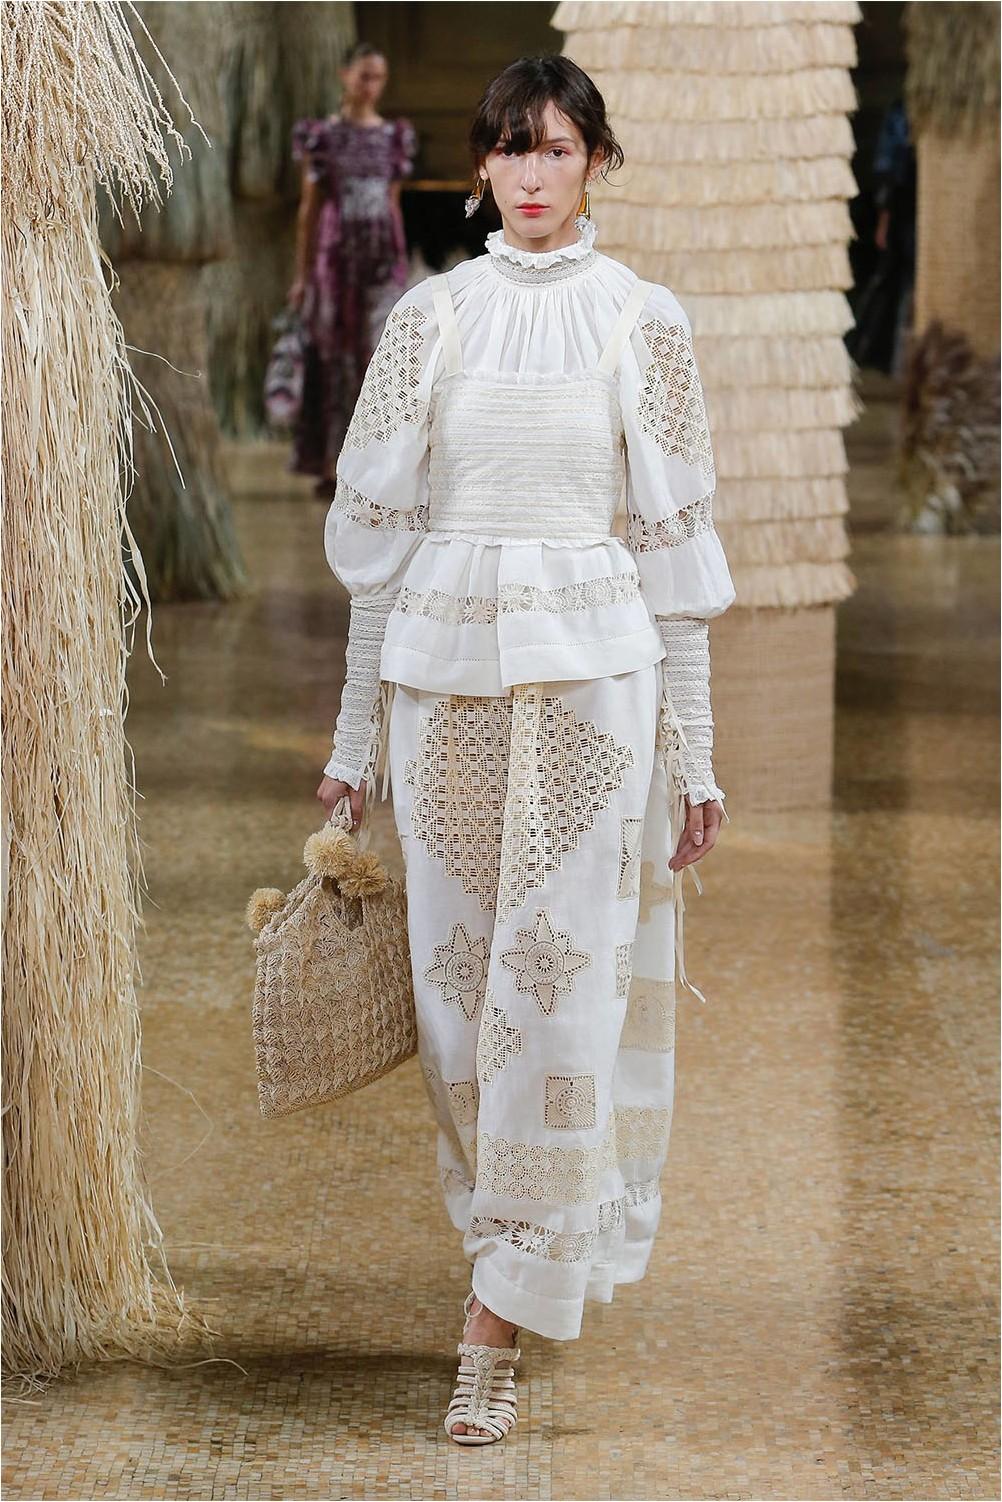 Ulla Johnson Lace Dress